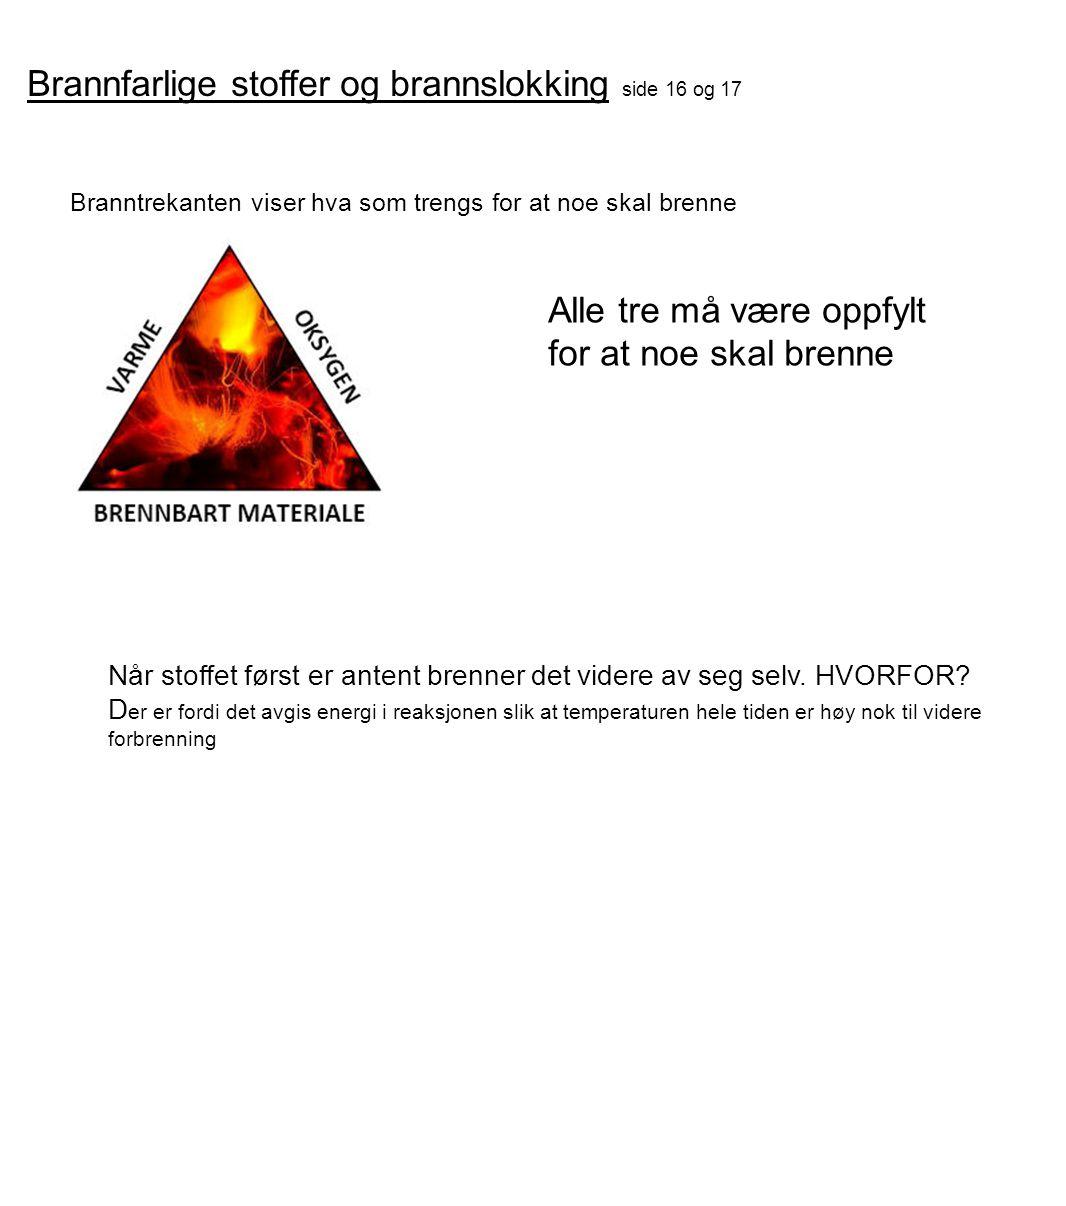 Brannfarlige stoffer og brannslokking side 16 og 17